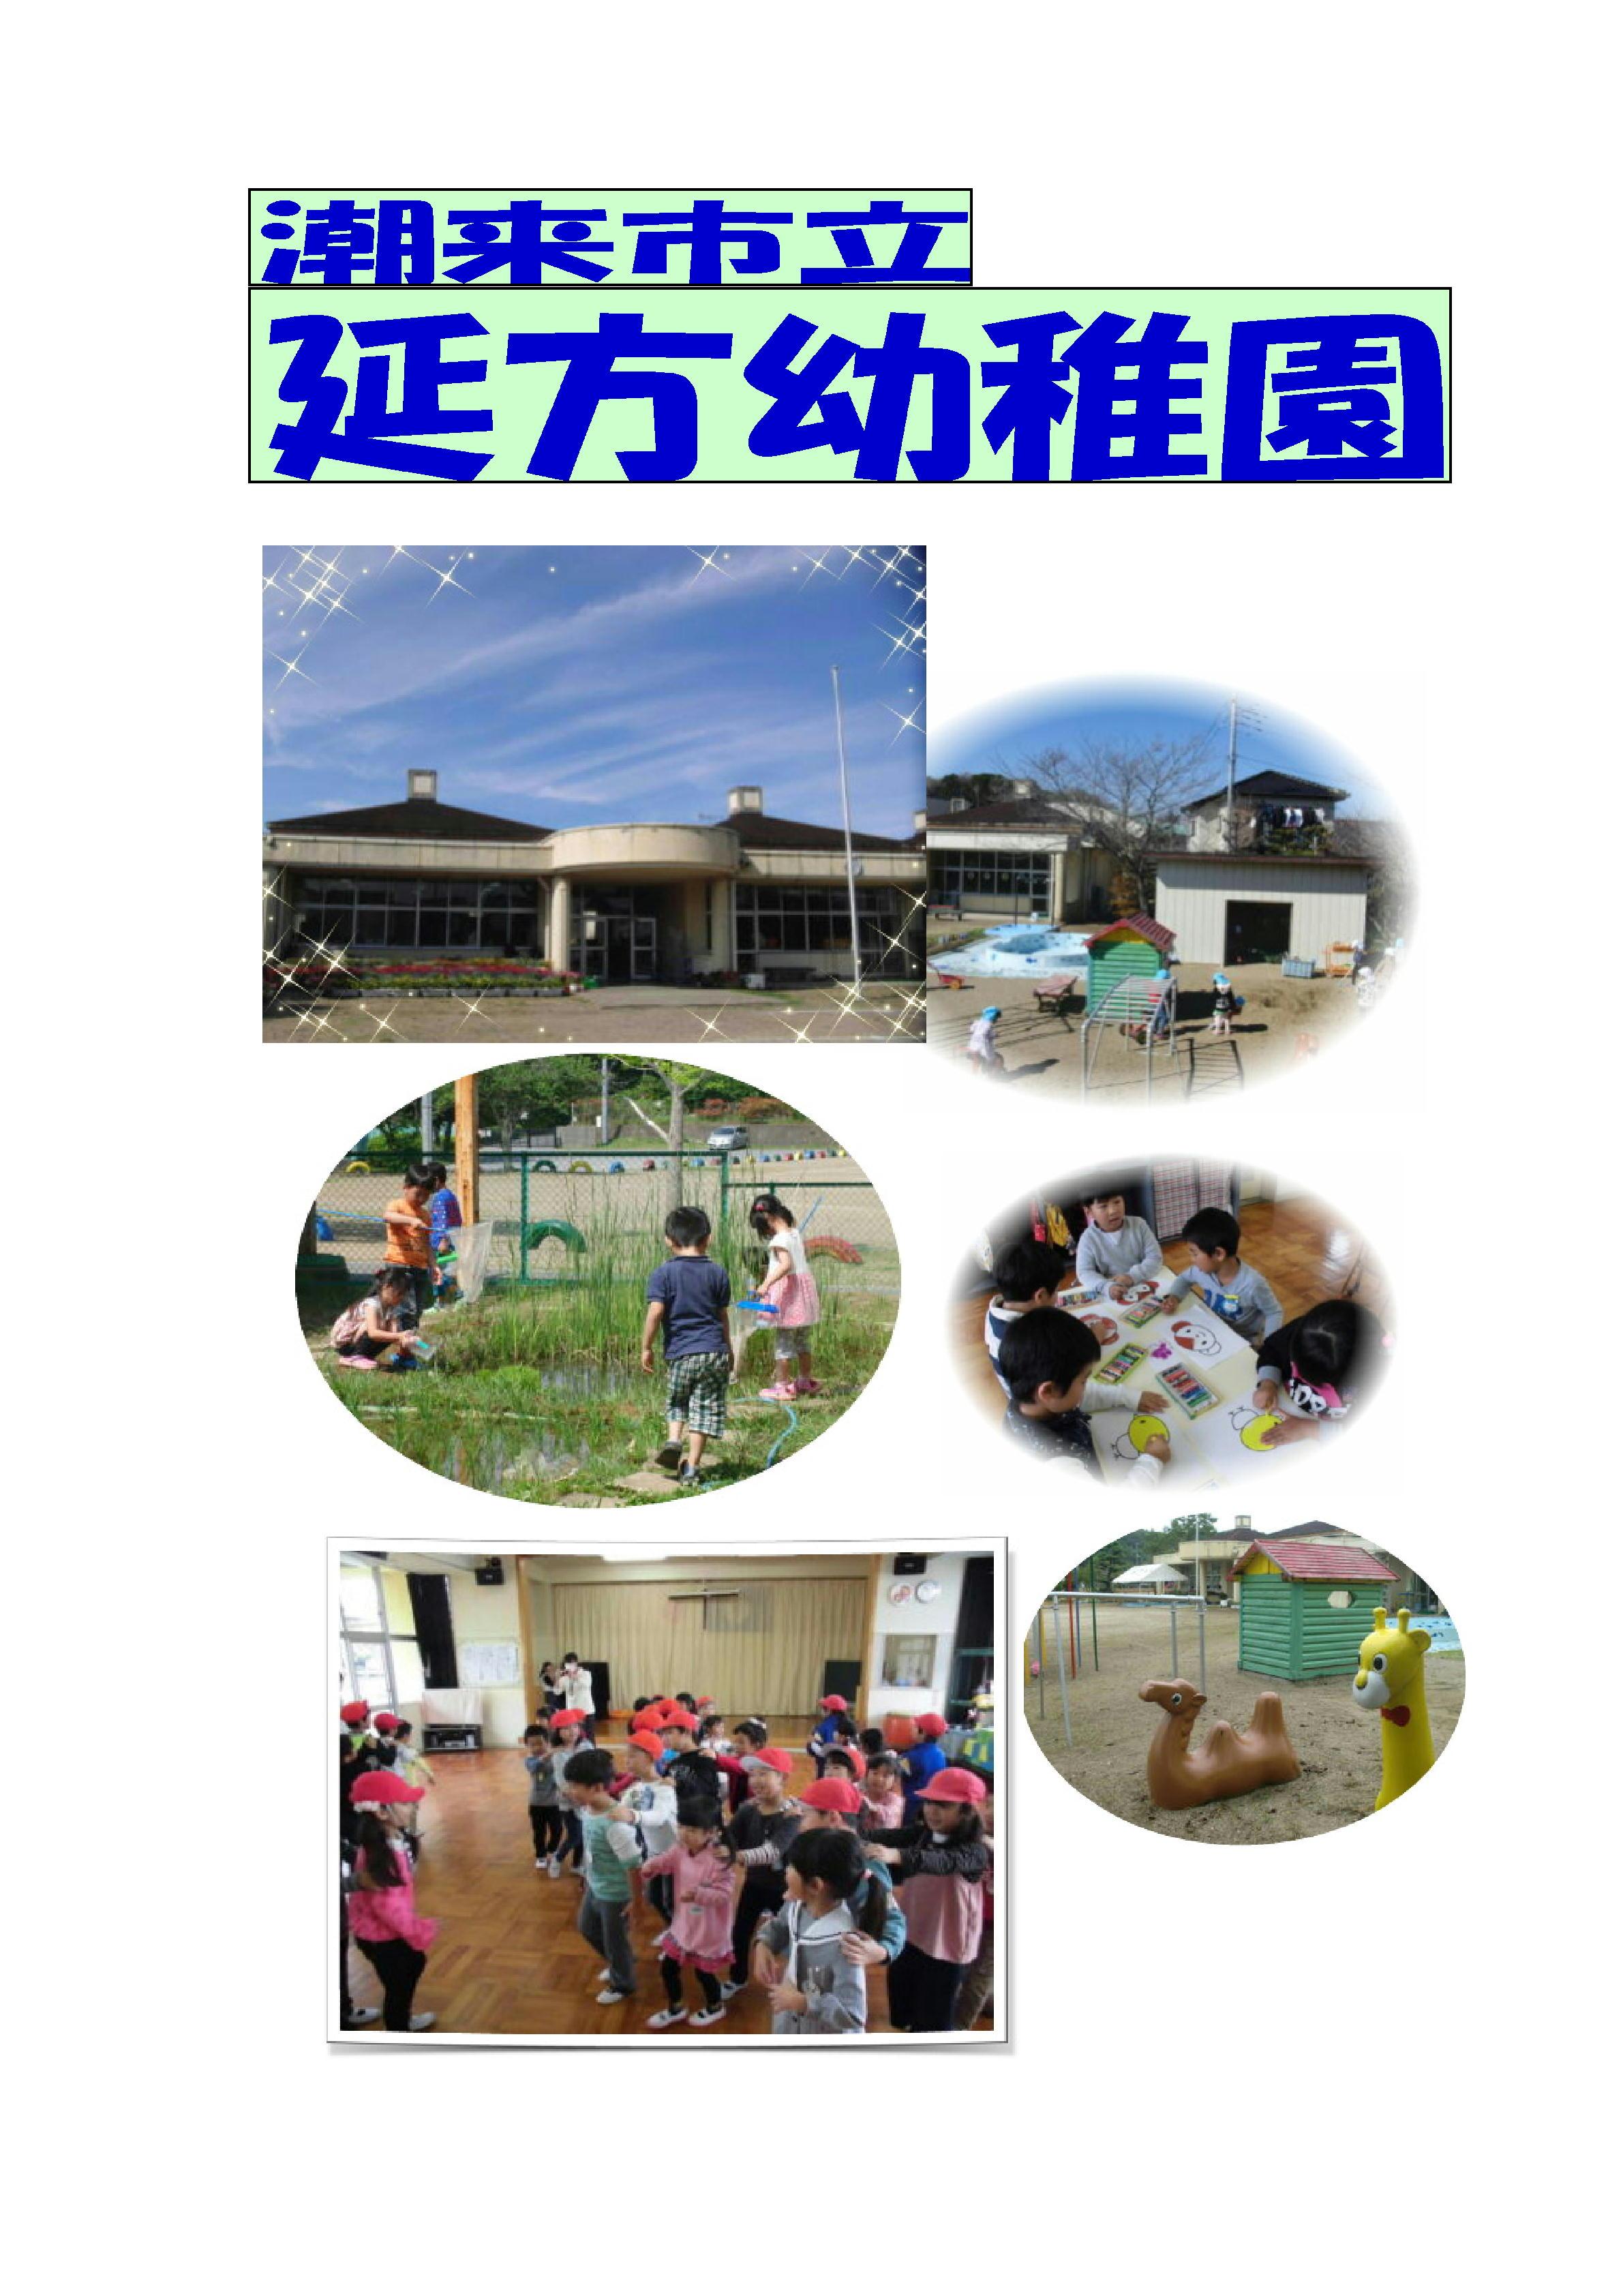 延方幼稚園の様子